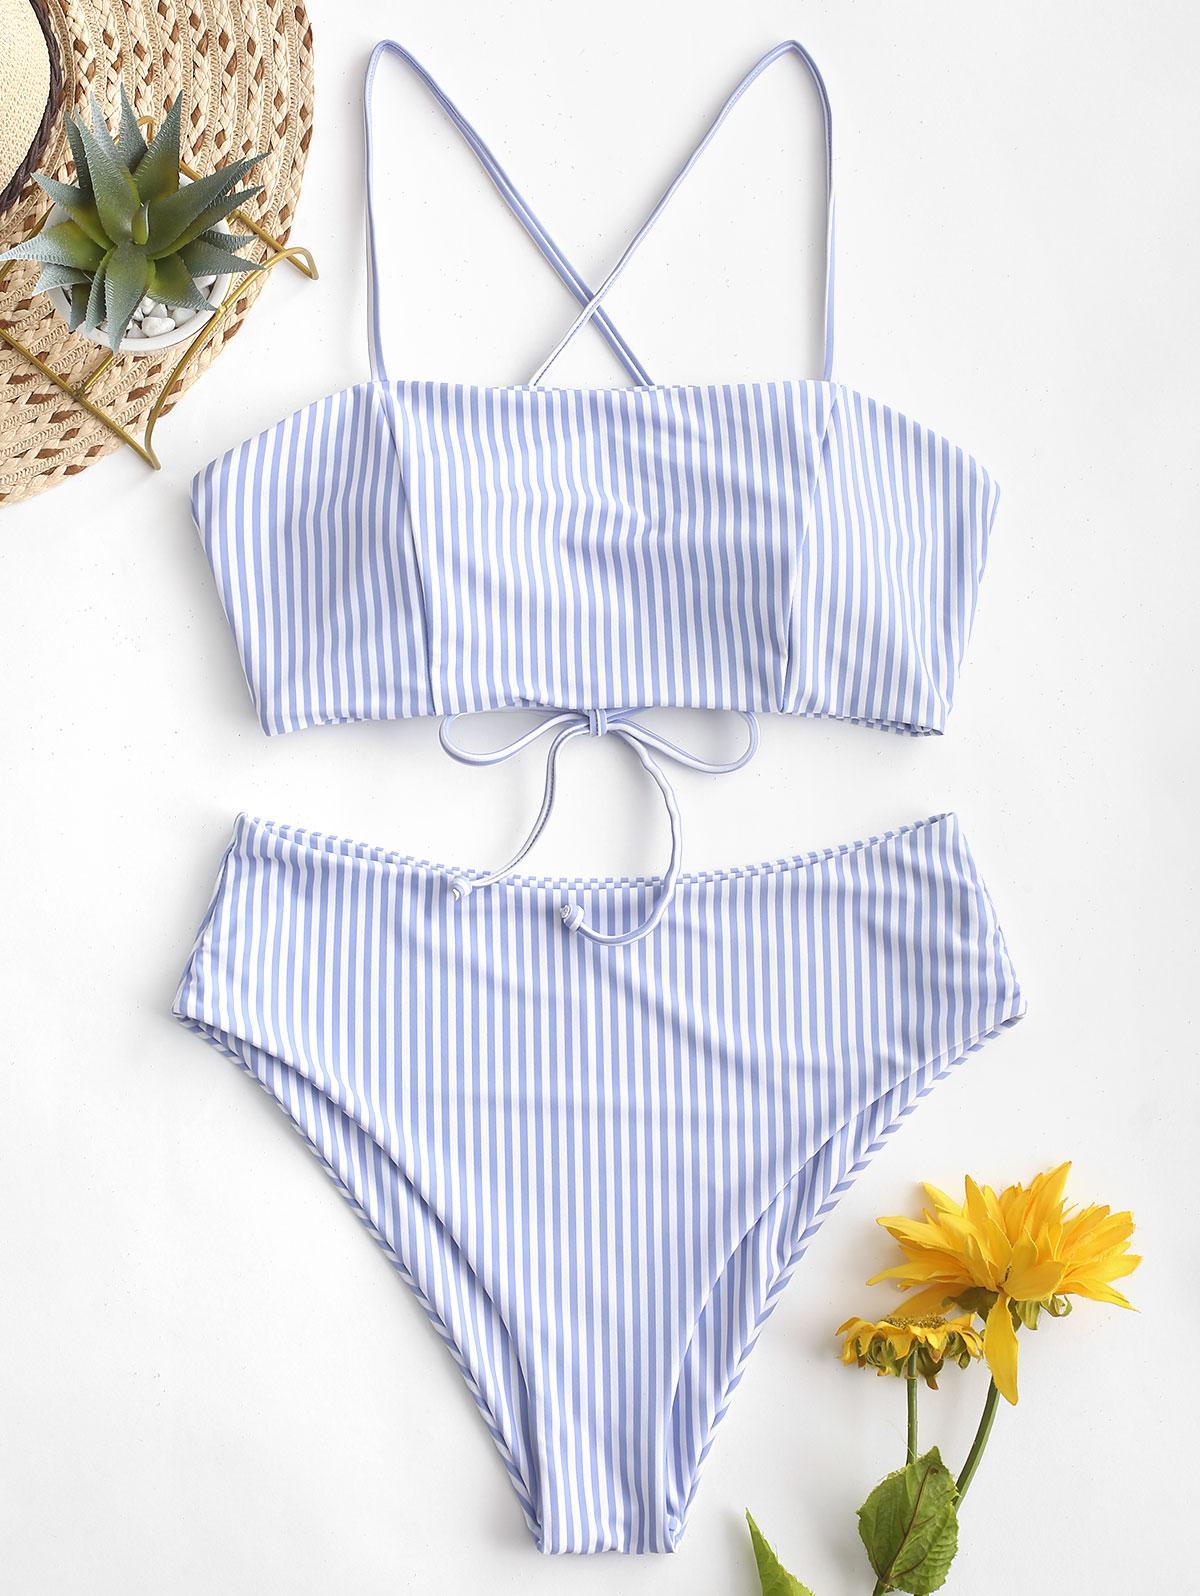 ZAFUL Lace-up Striped High Waisted Bikini Swimsuit thumbnail